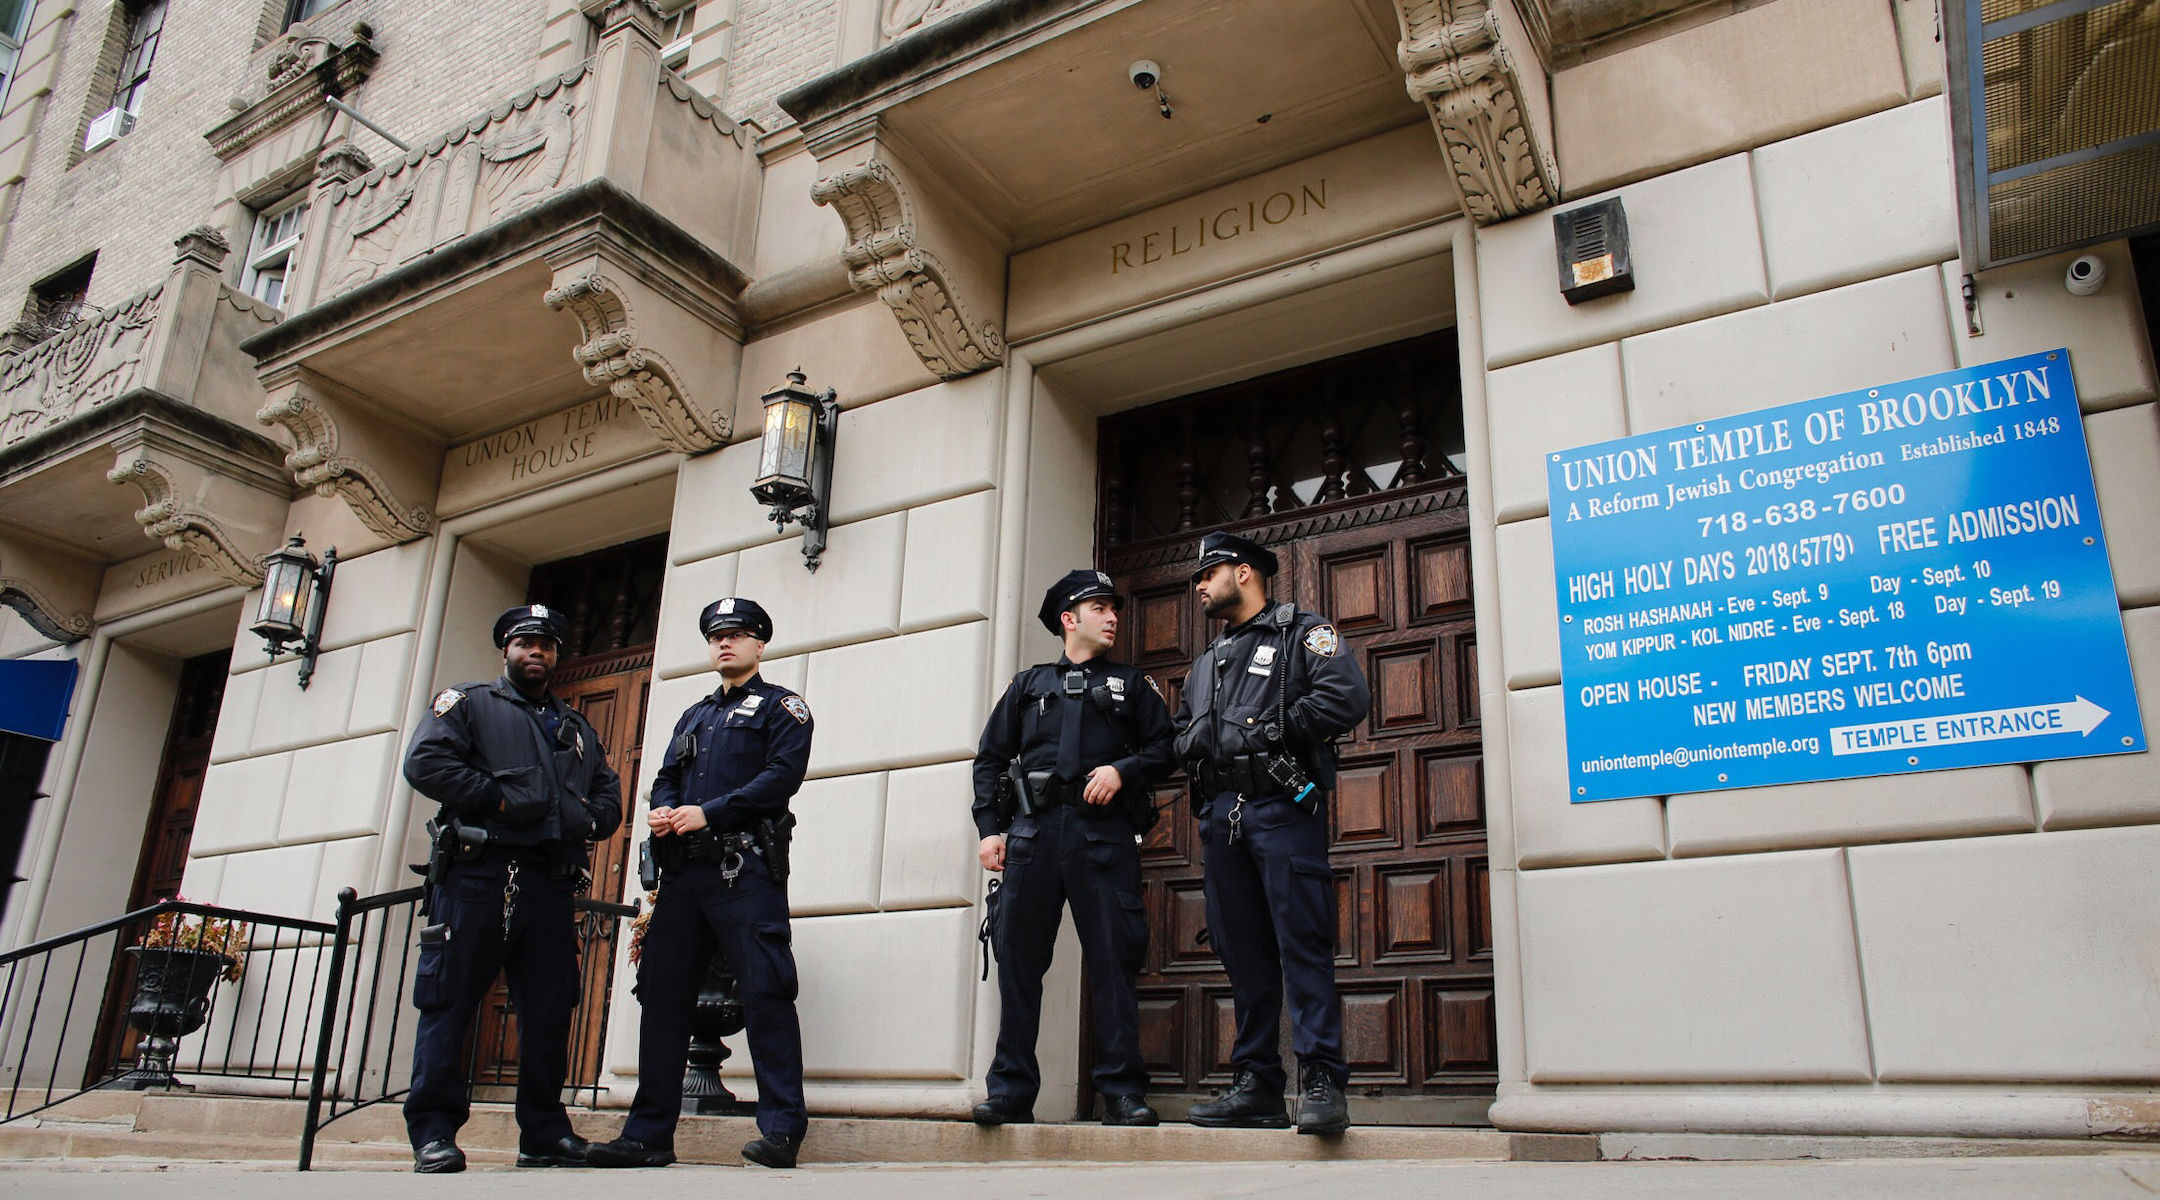 Rendőrség kontra antirasszisták – amerikai zsidók nehéz választása